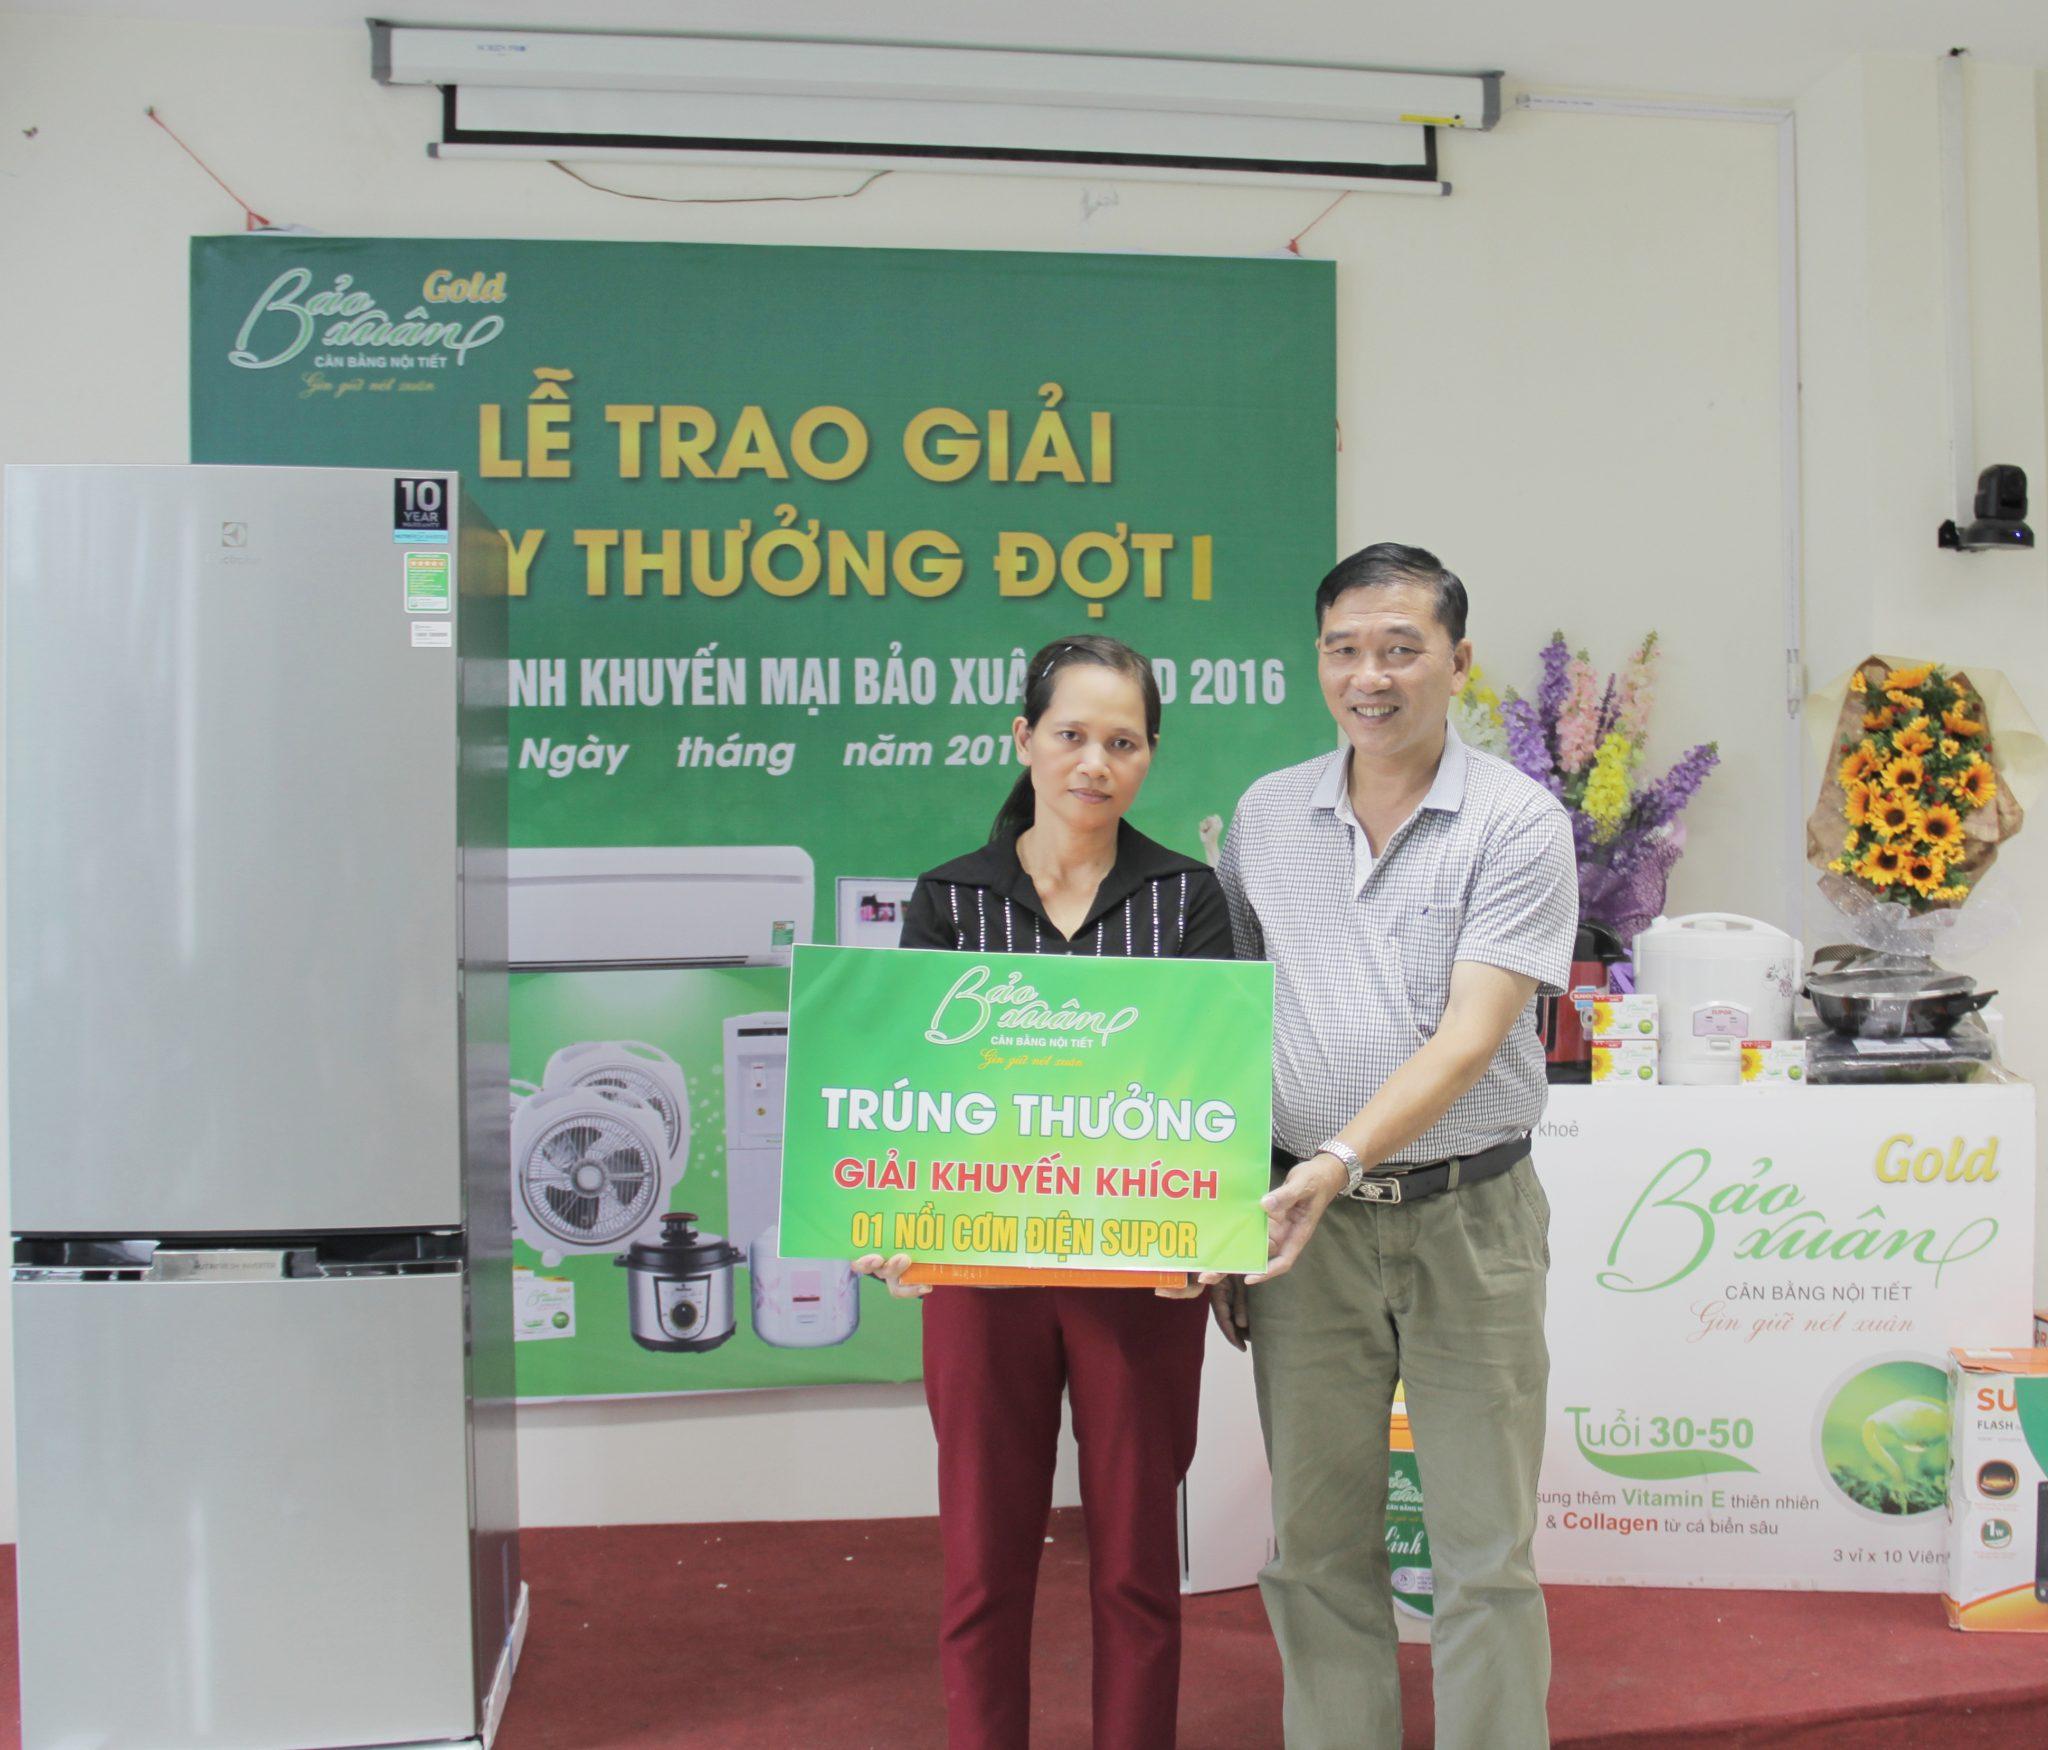 Ong-Hoang-Minh-Cuong-Co-van-tai-chinh-trao-giai-2